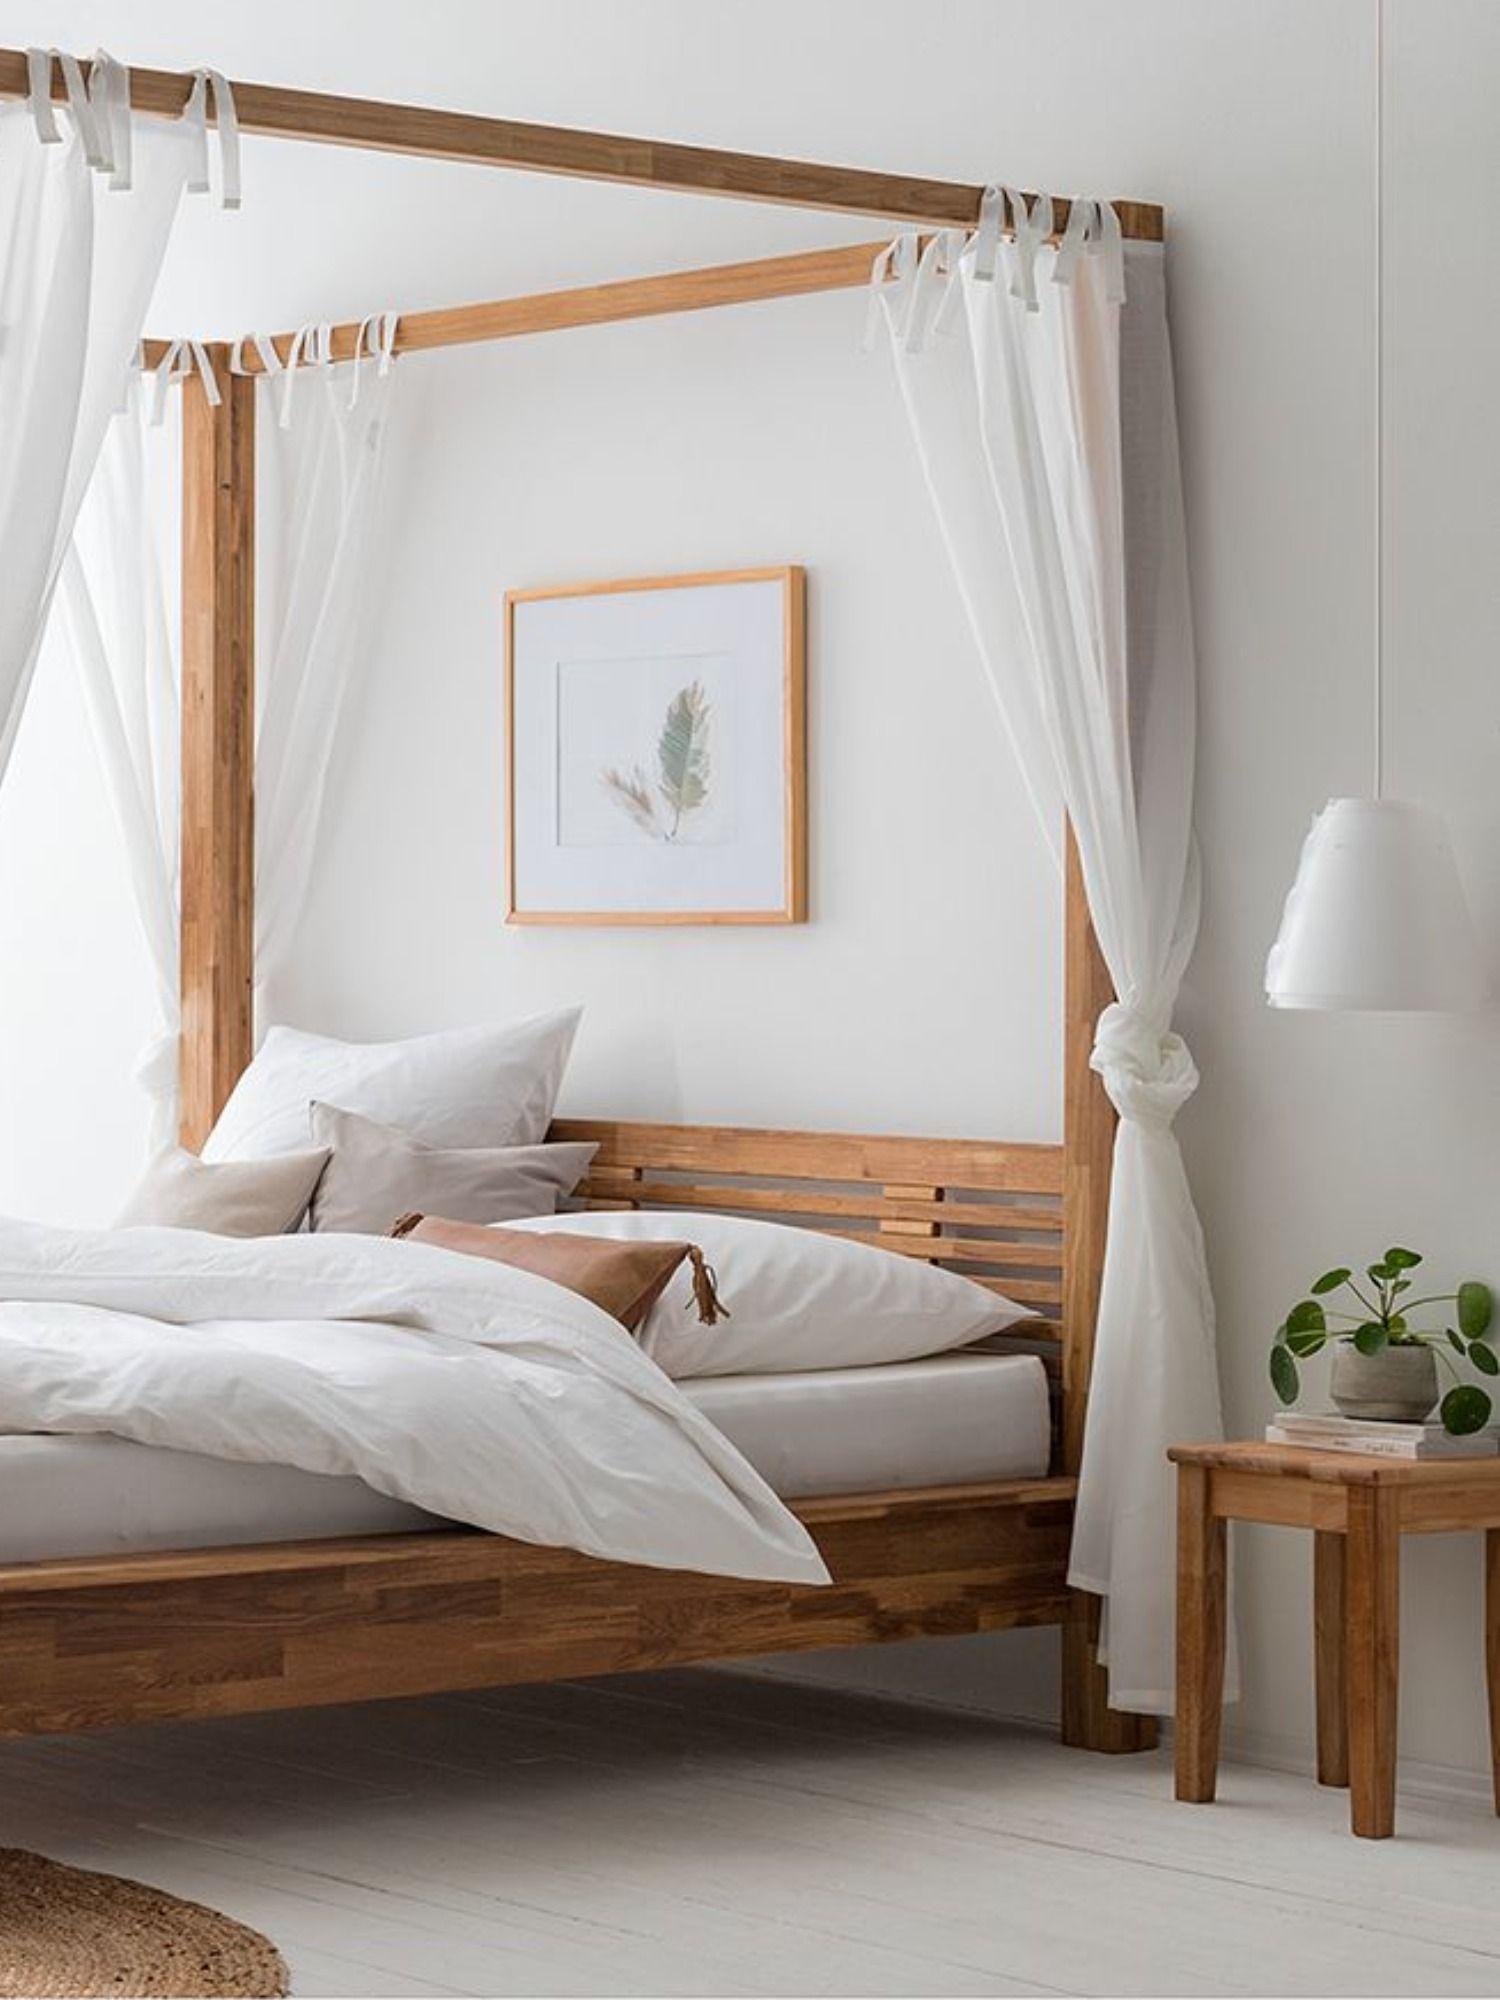 Pin von home24 auf Schlafzimmer Ideen & Deko (mit Bildern